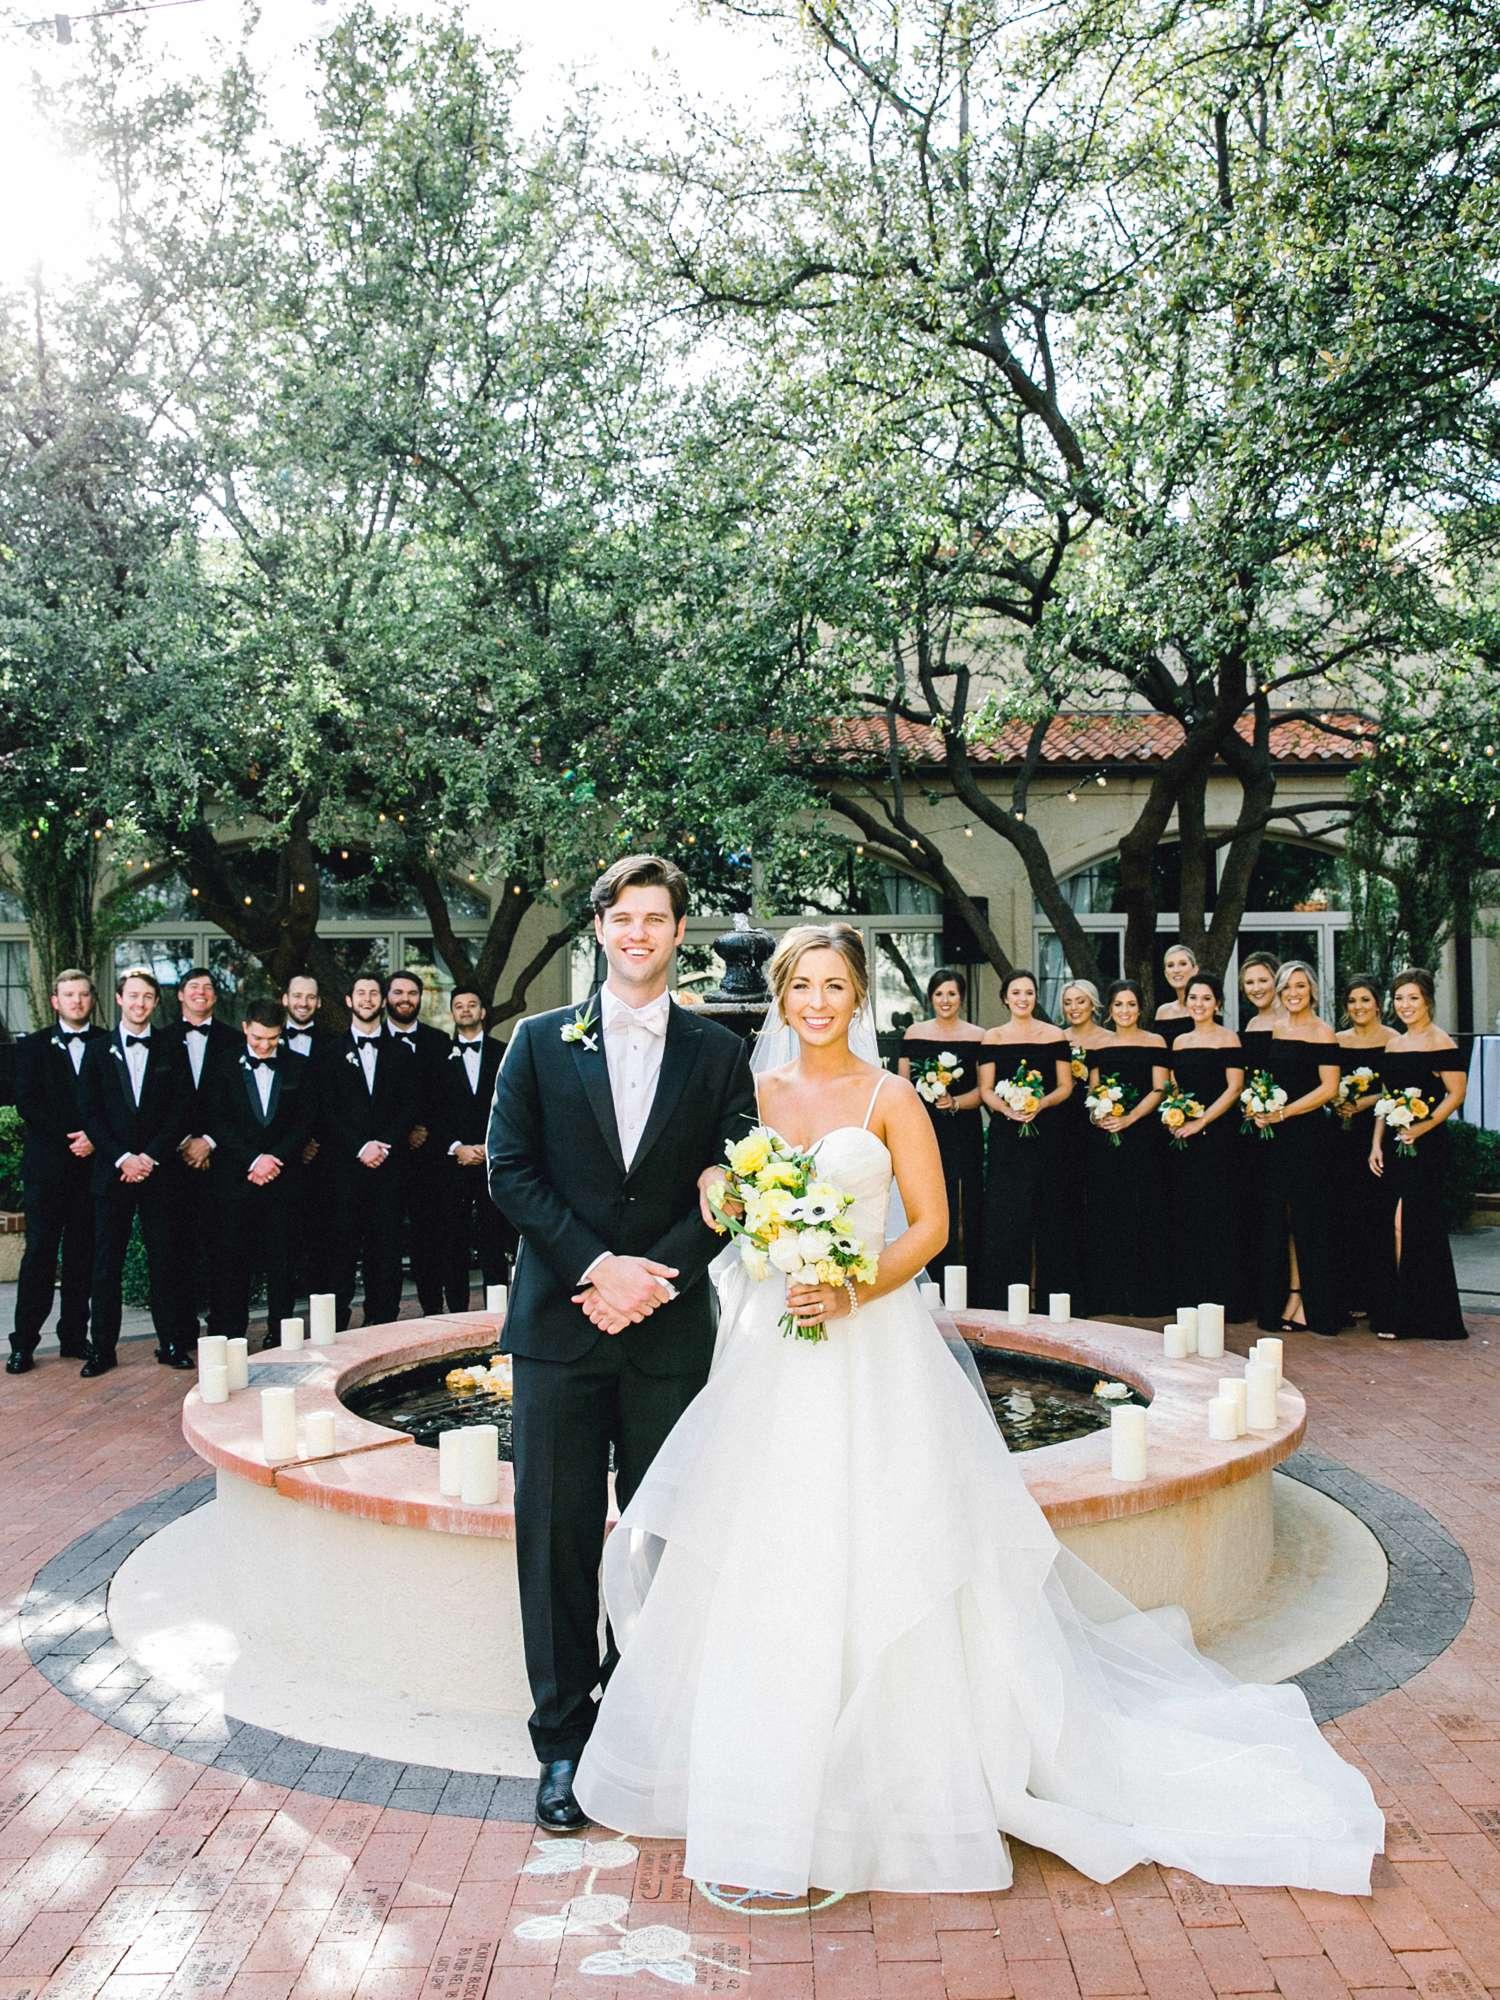 MARLEE+LLOYD+MORGAN+ALLEEJ+TEXAS+TECH+MERKET+ALUMNI+WEDDINGS+LUBBOCK+WEST+TABLE+CLASSIC+SPAIN_0096.jpg